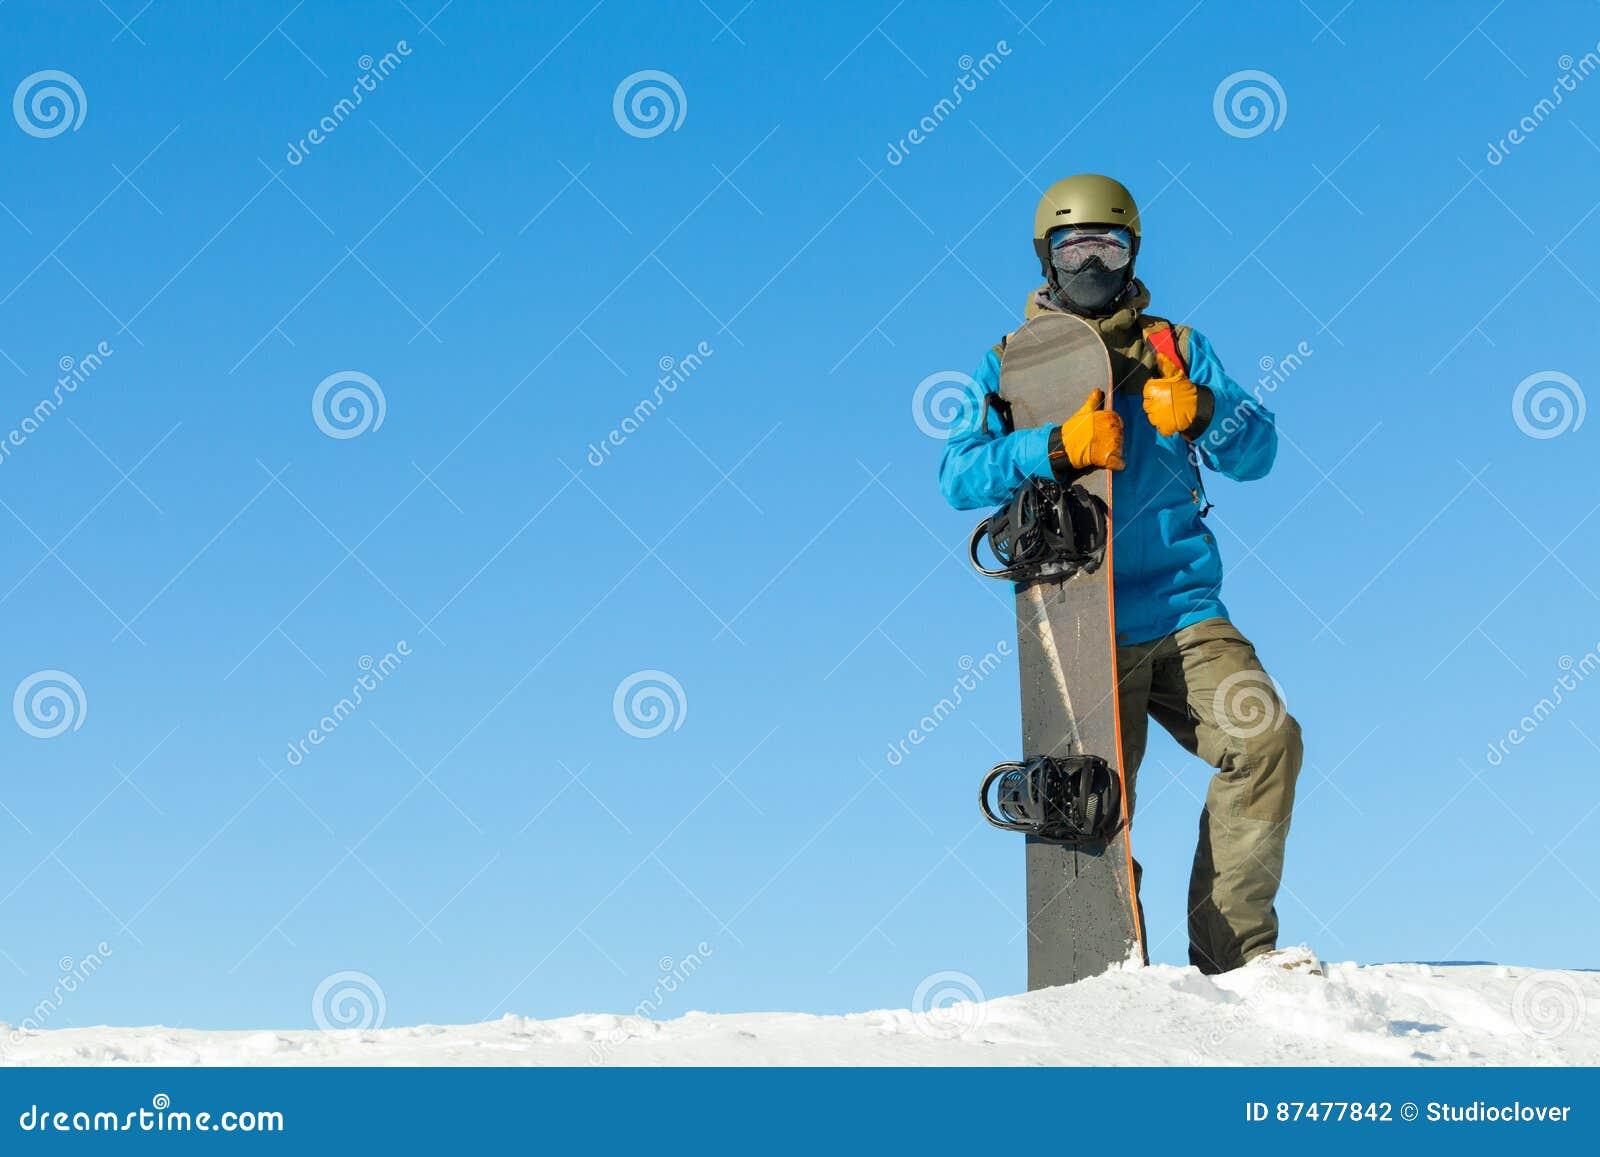 Молодой snowboarder в шлеме вверху очень снежная гора с красивым голубым небом на предпосылке